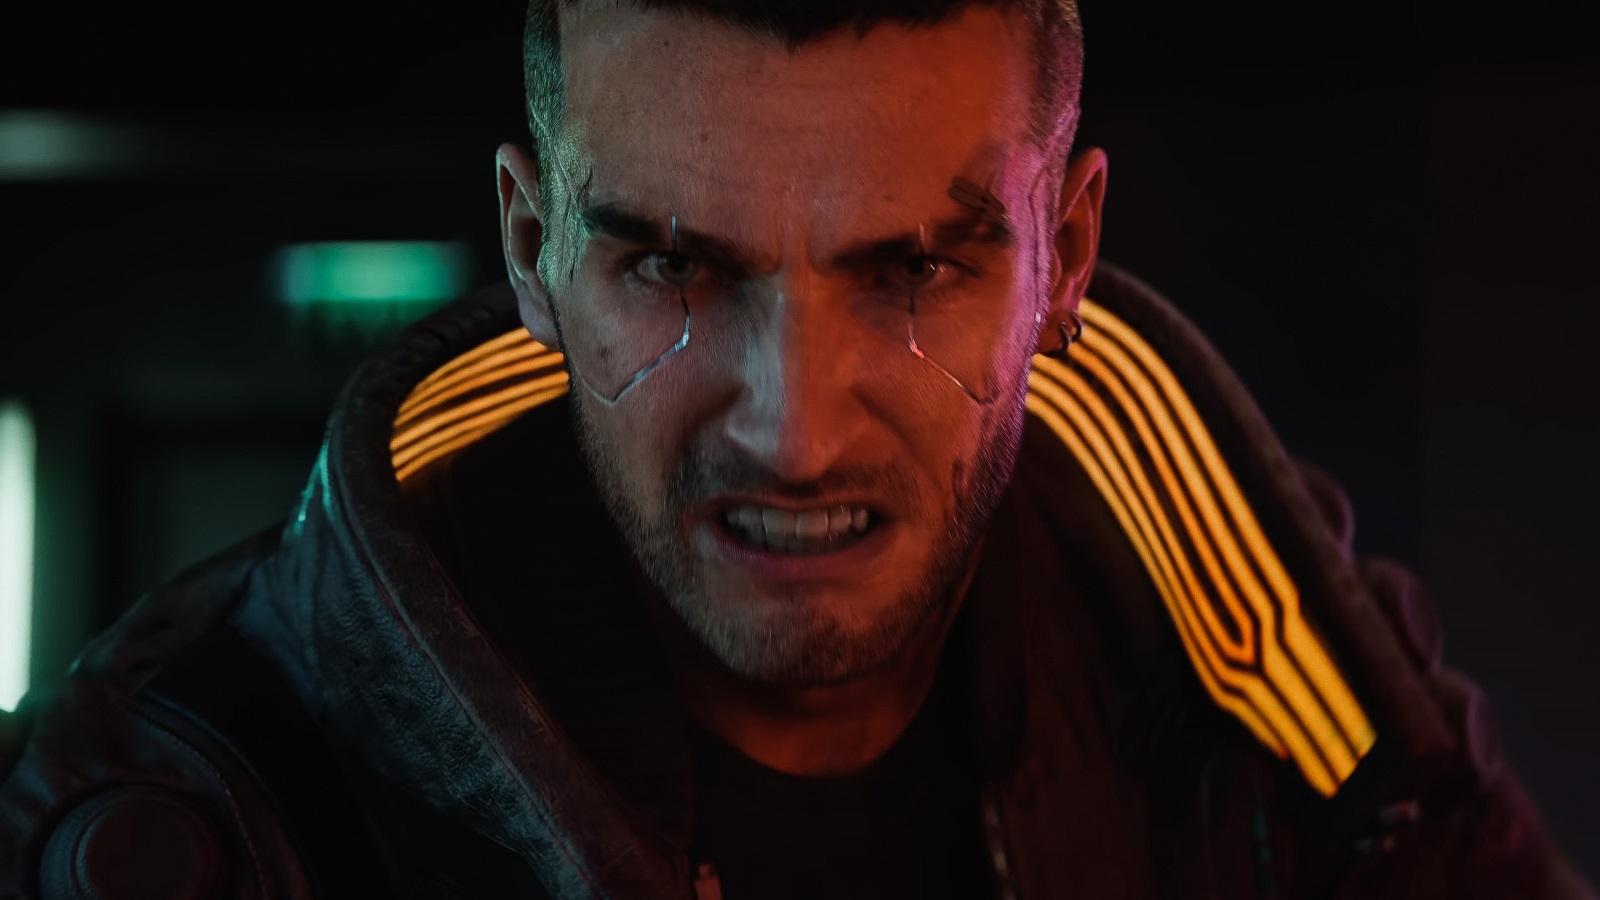 Релиз Cyberpunk 2077 снова отложили — на этот раз до 19 ноября